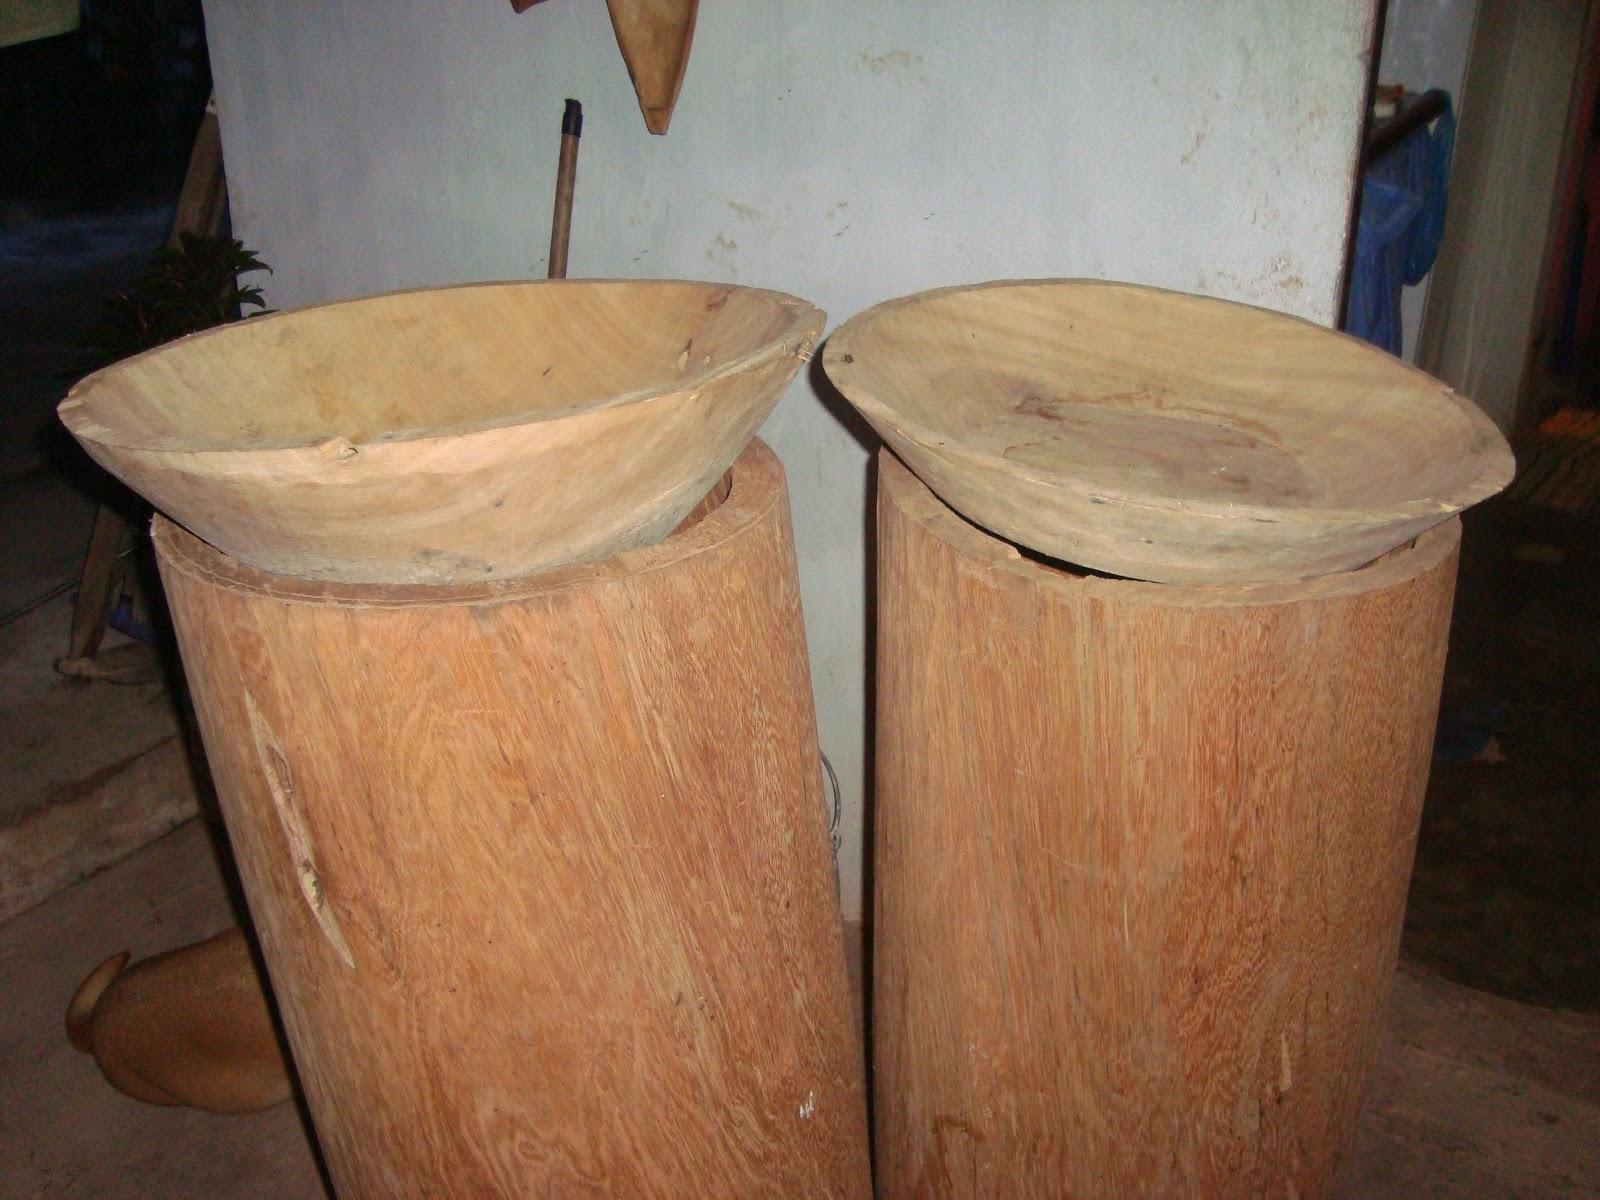 Adesivo Infantil De Parede ~ Artesanatos tradicionais produzidos nas oficinas de artesanato Filhos do Quilombo Podem ser